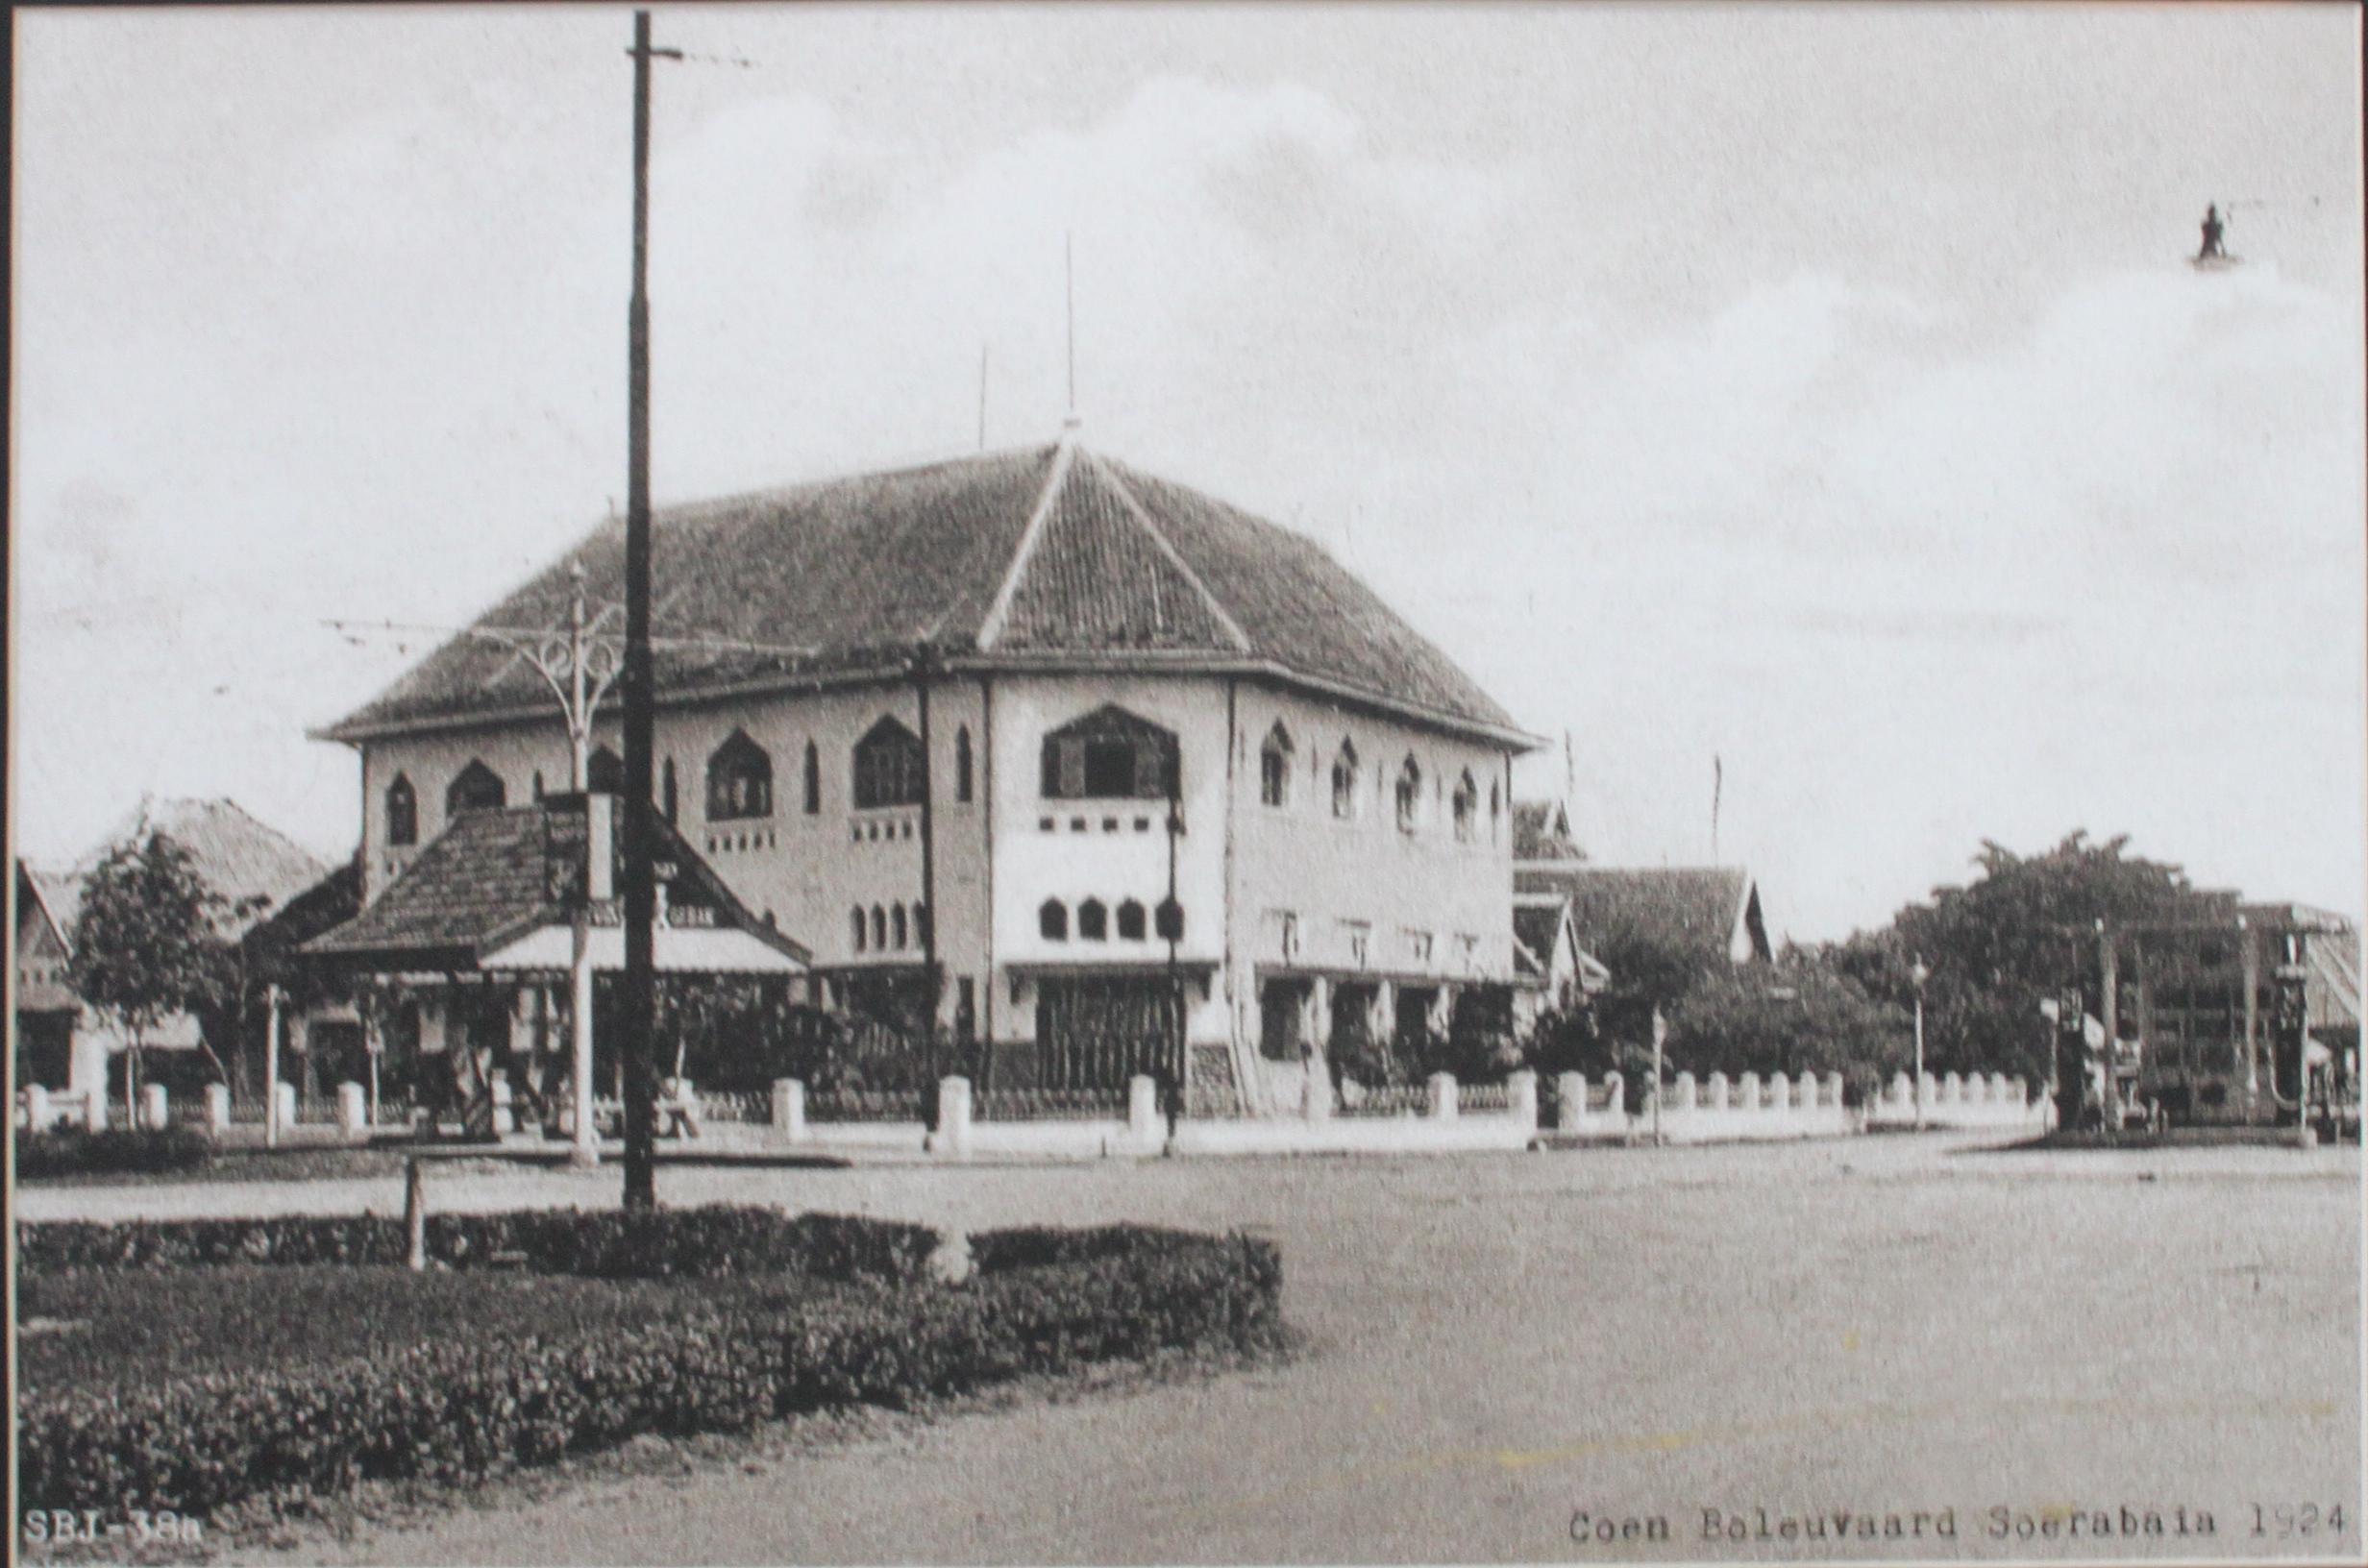 Dibalik Sejarah Gedung Grha Wismilak Foto Tahun 1924